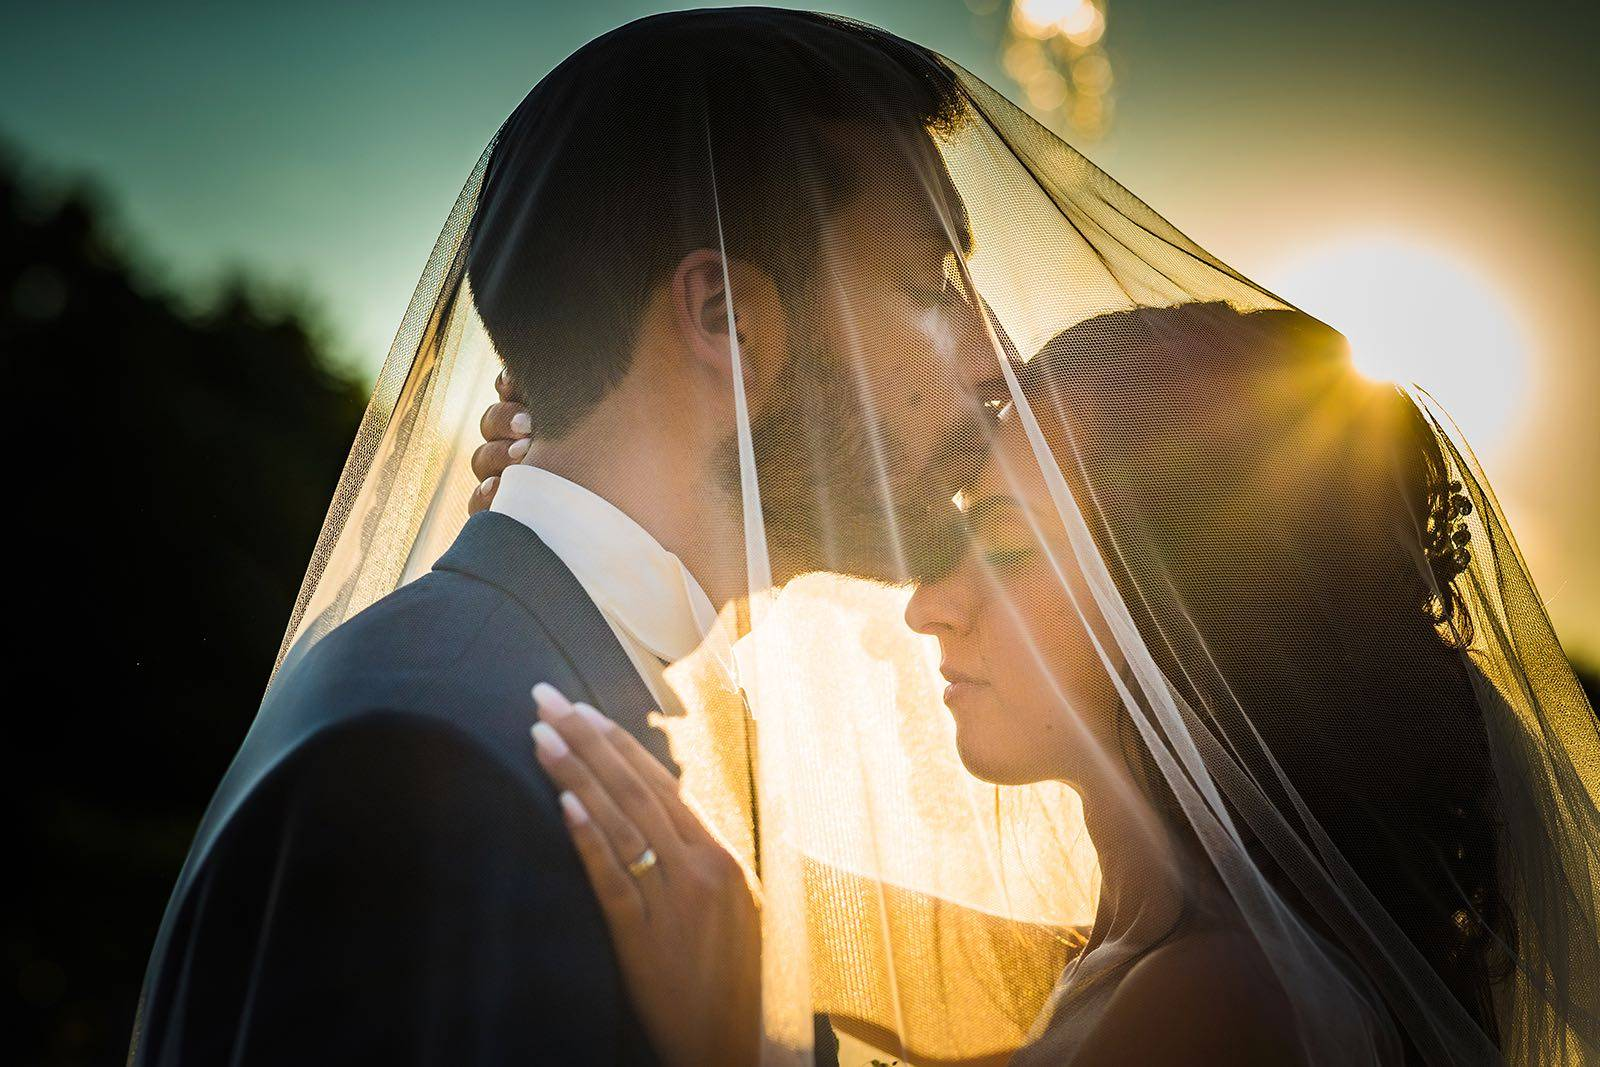 Wondermooi - Trouwfotograaf - Huwelijksfotograaf - Fotograaf - House of Weddings - 4